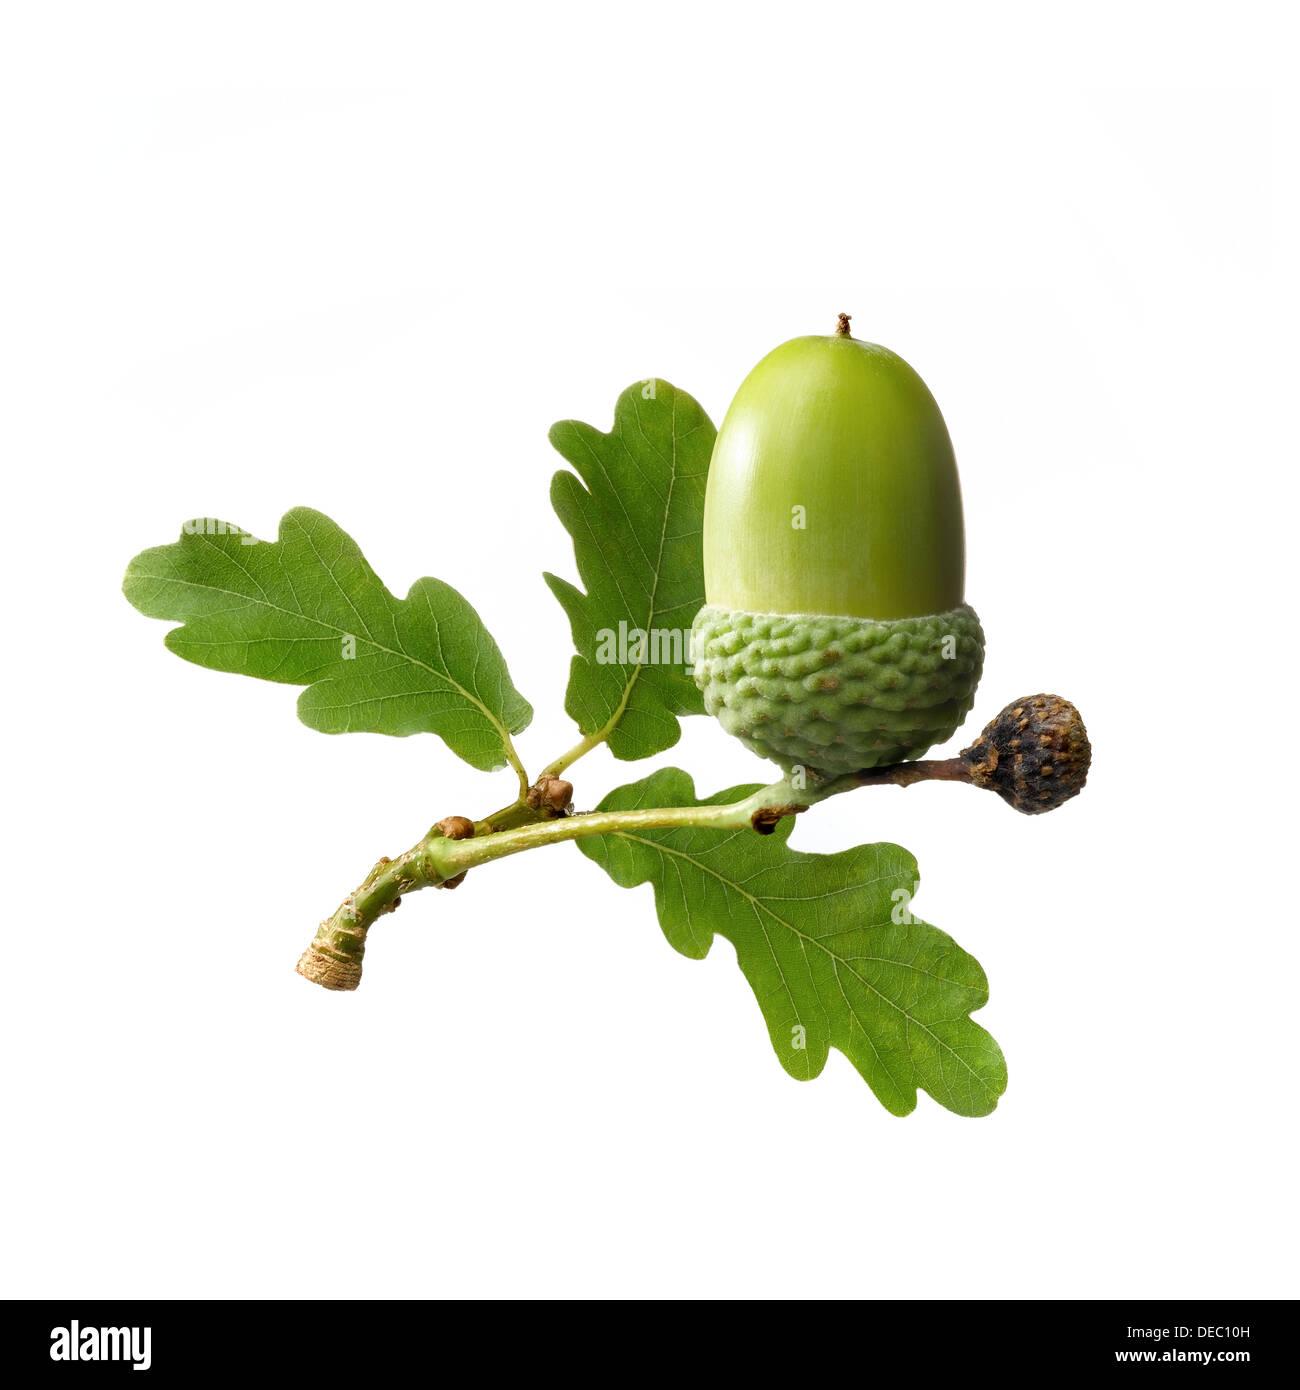 acorn - Stock Image